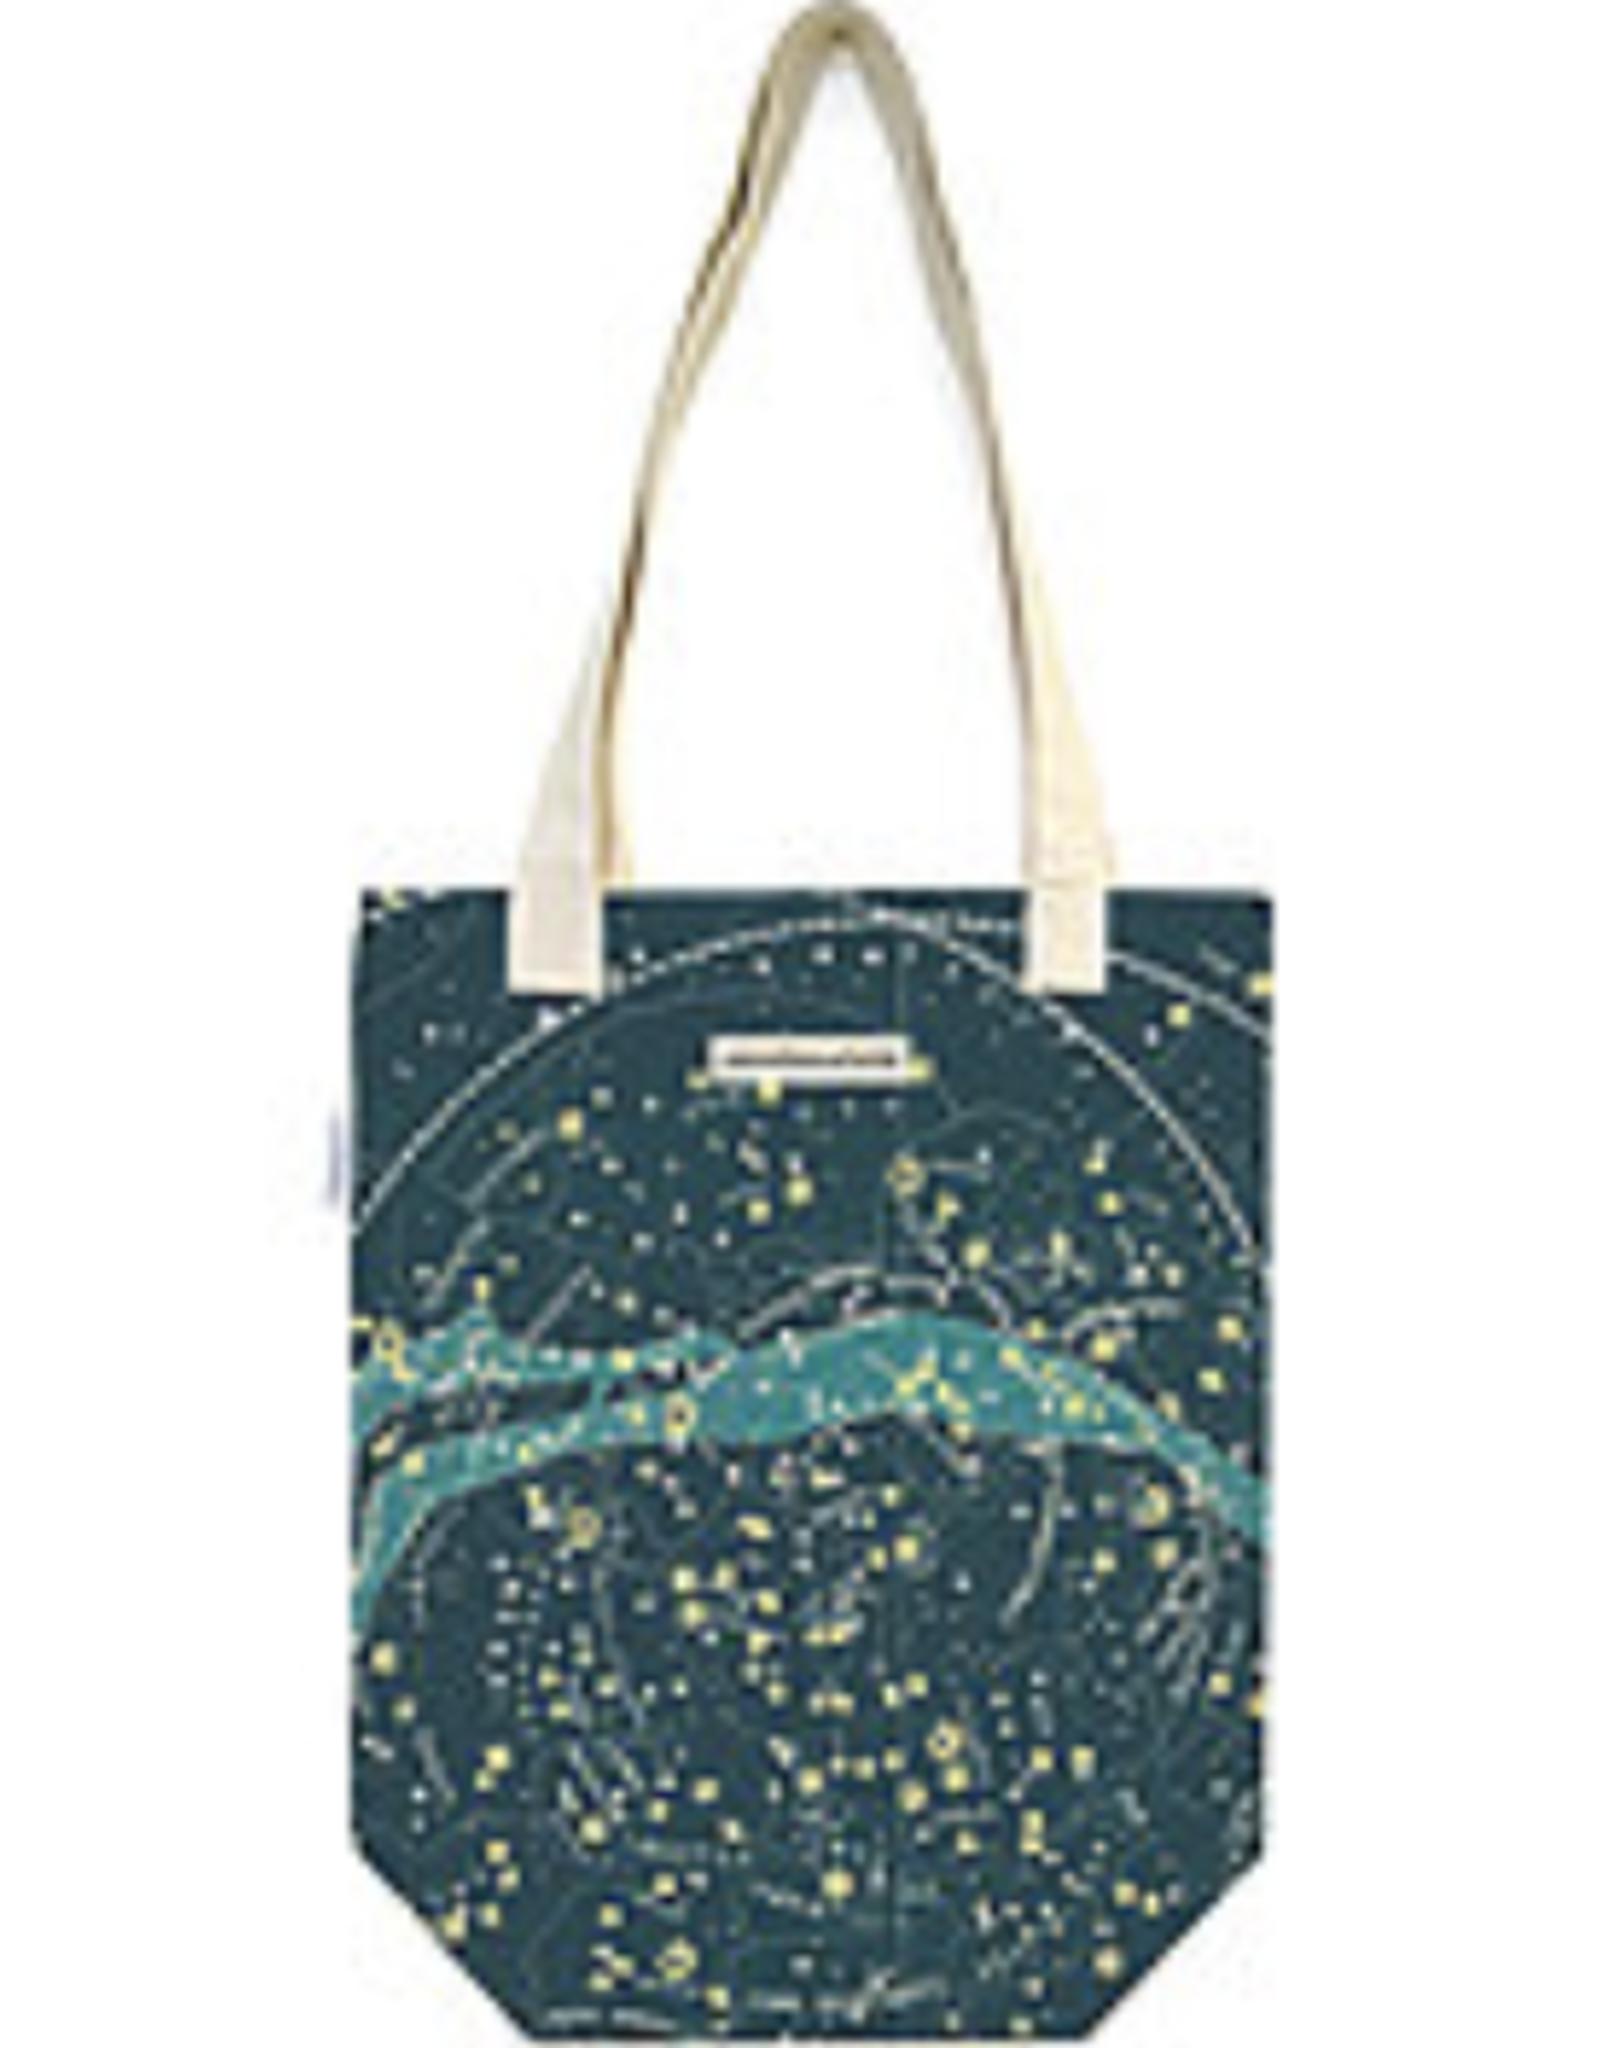 Cavallini Cavallini Vintage Inspired Bag, Celestial Tote